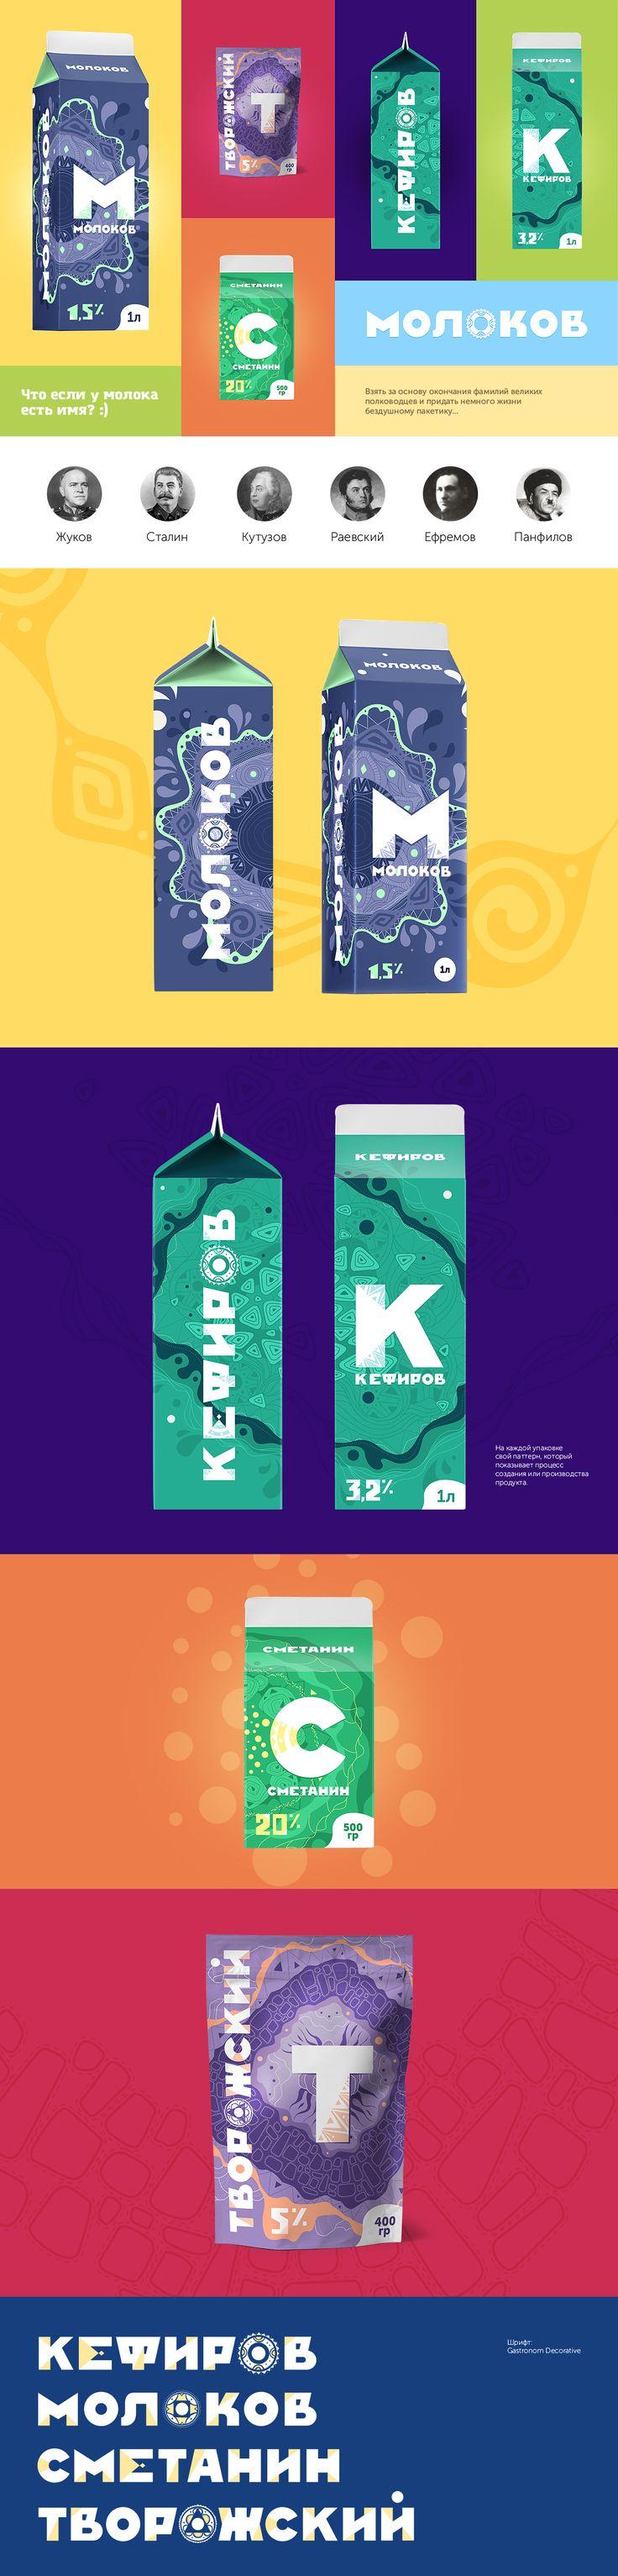 МОЛОКОВ Package © Даулет Алшынбаев Colorful packaging branding PD